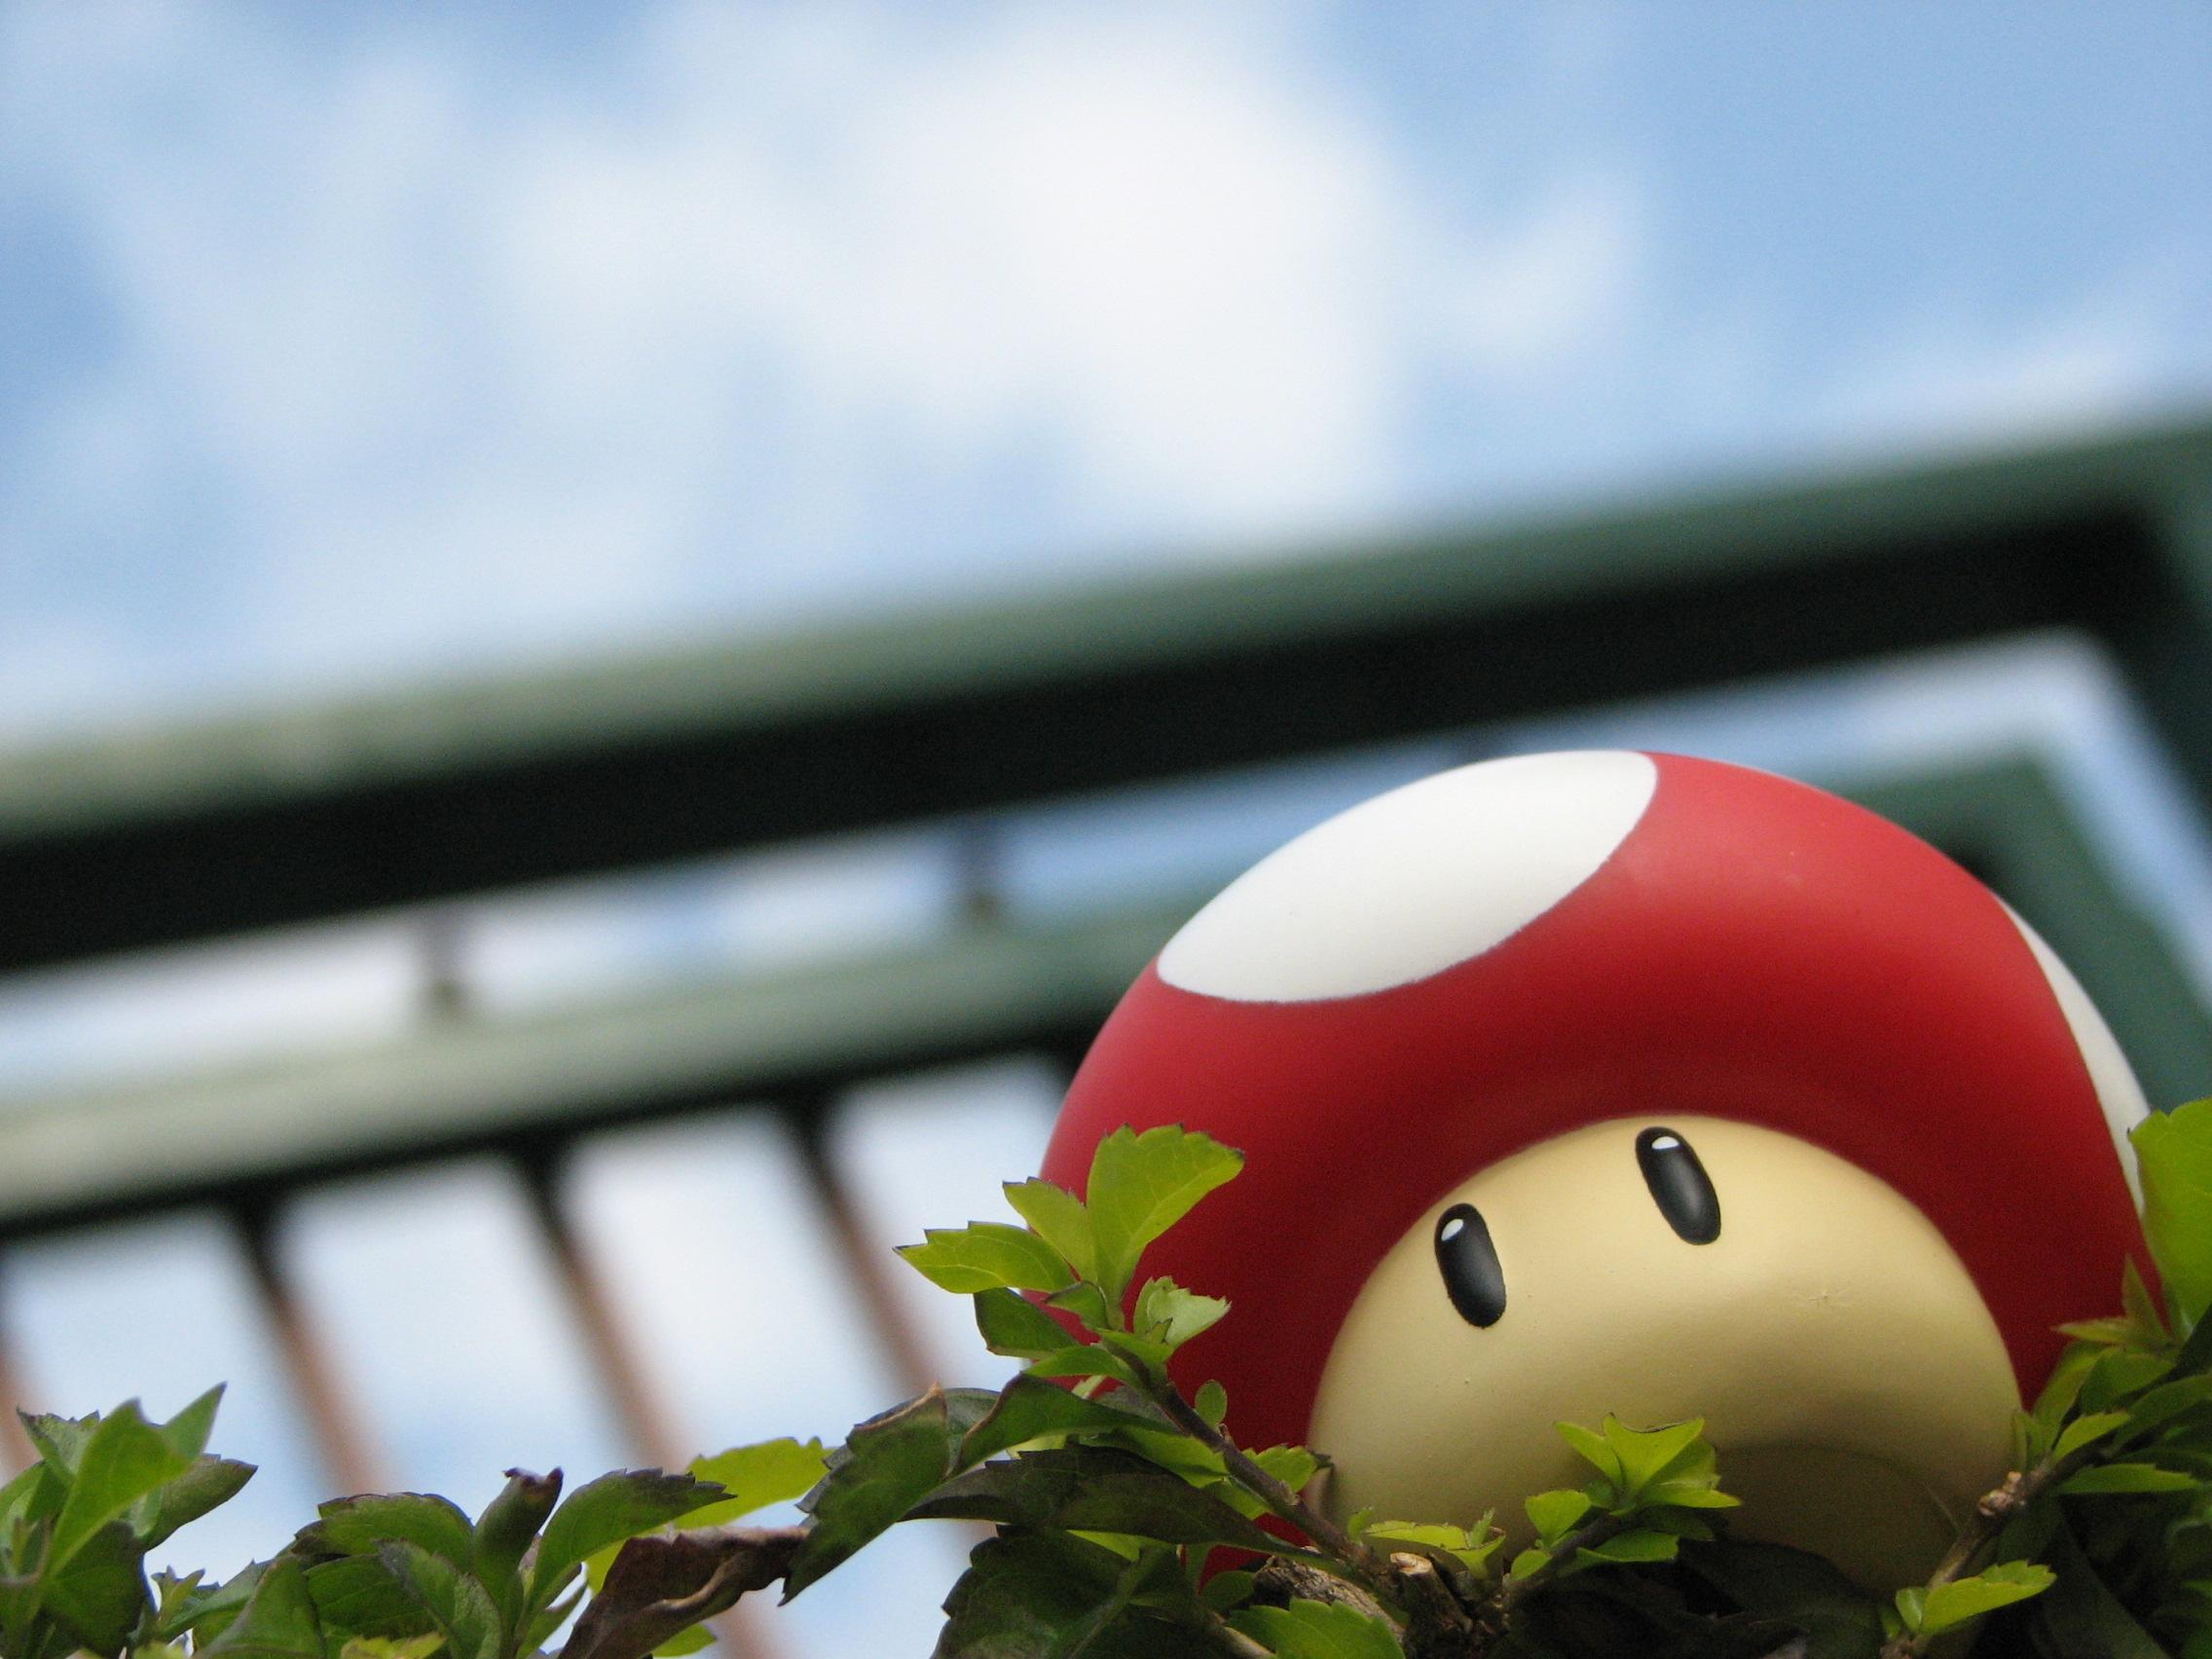 Mario Desktop Backgrounds: Mario Computer Wallpapers, Desktop Backgrounds